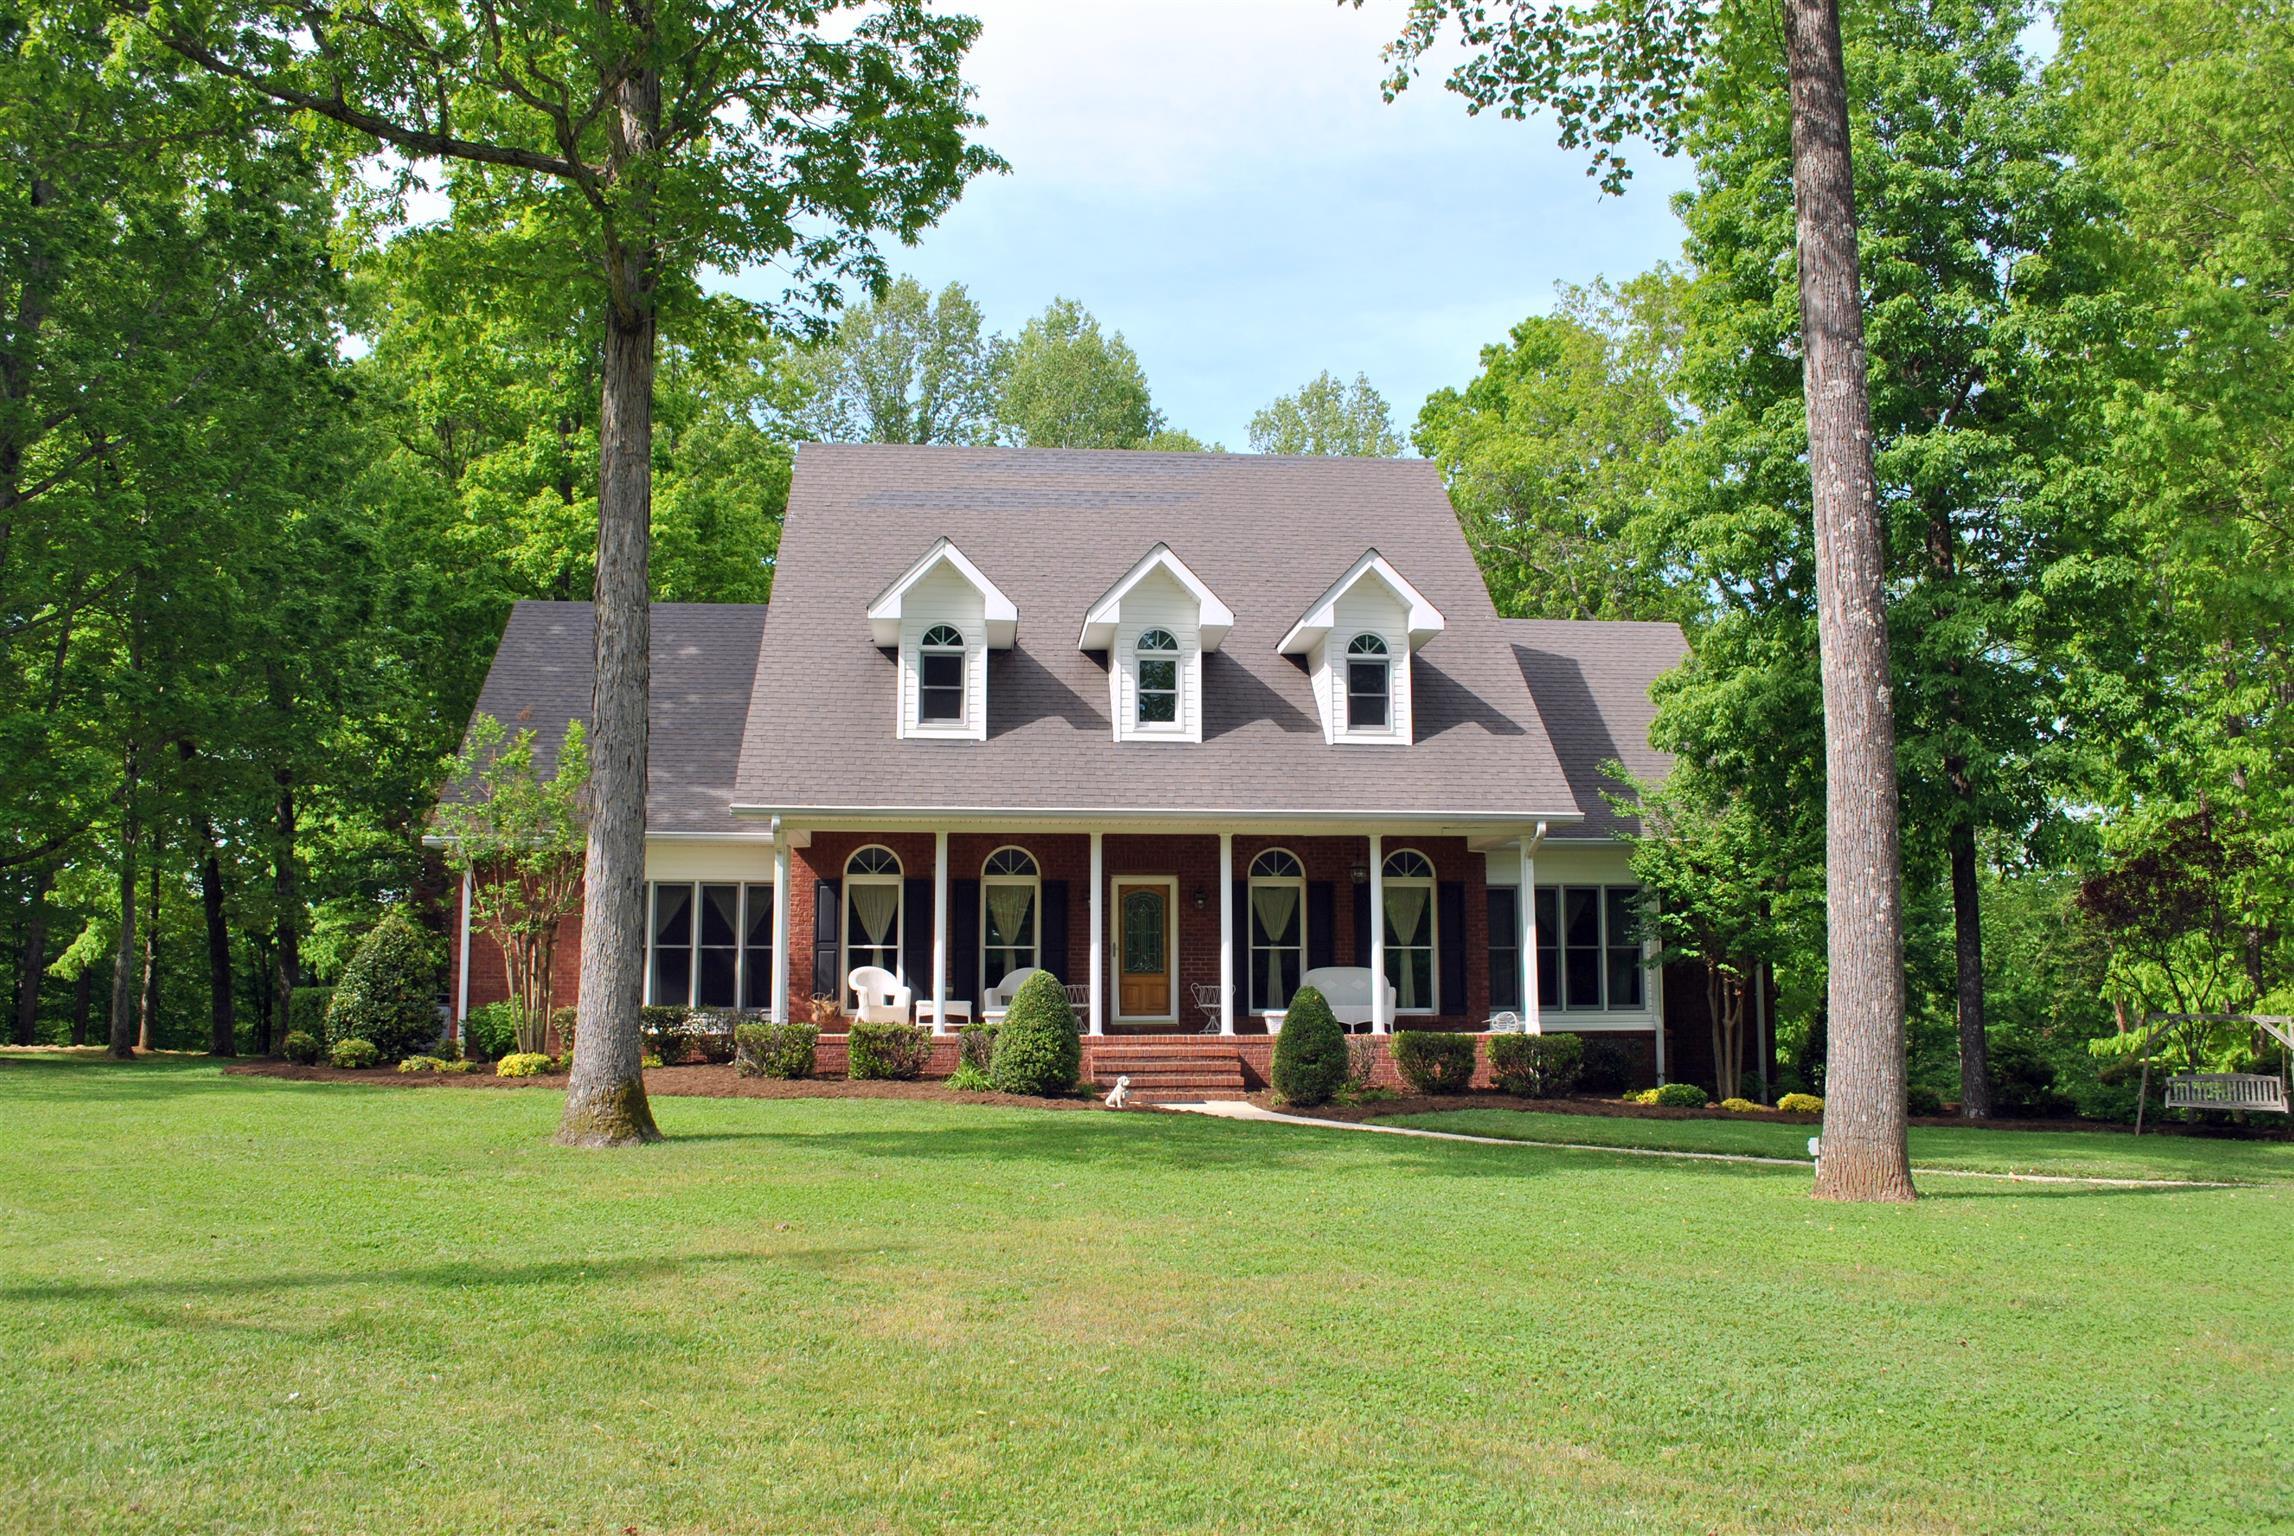 358 Andrew Jackson Blvd, Dowelltown, TN 37059 - Dowelltown, TN real estate listing